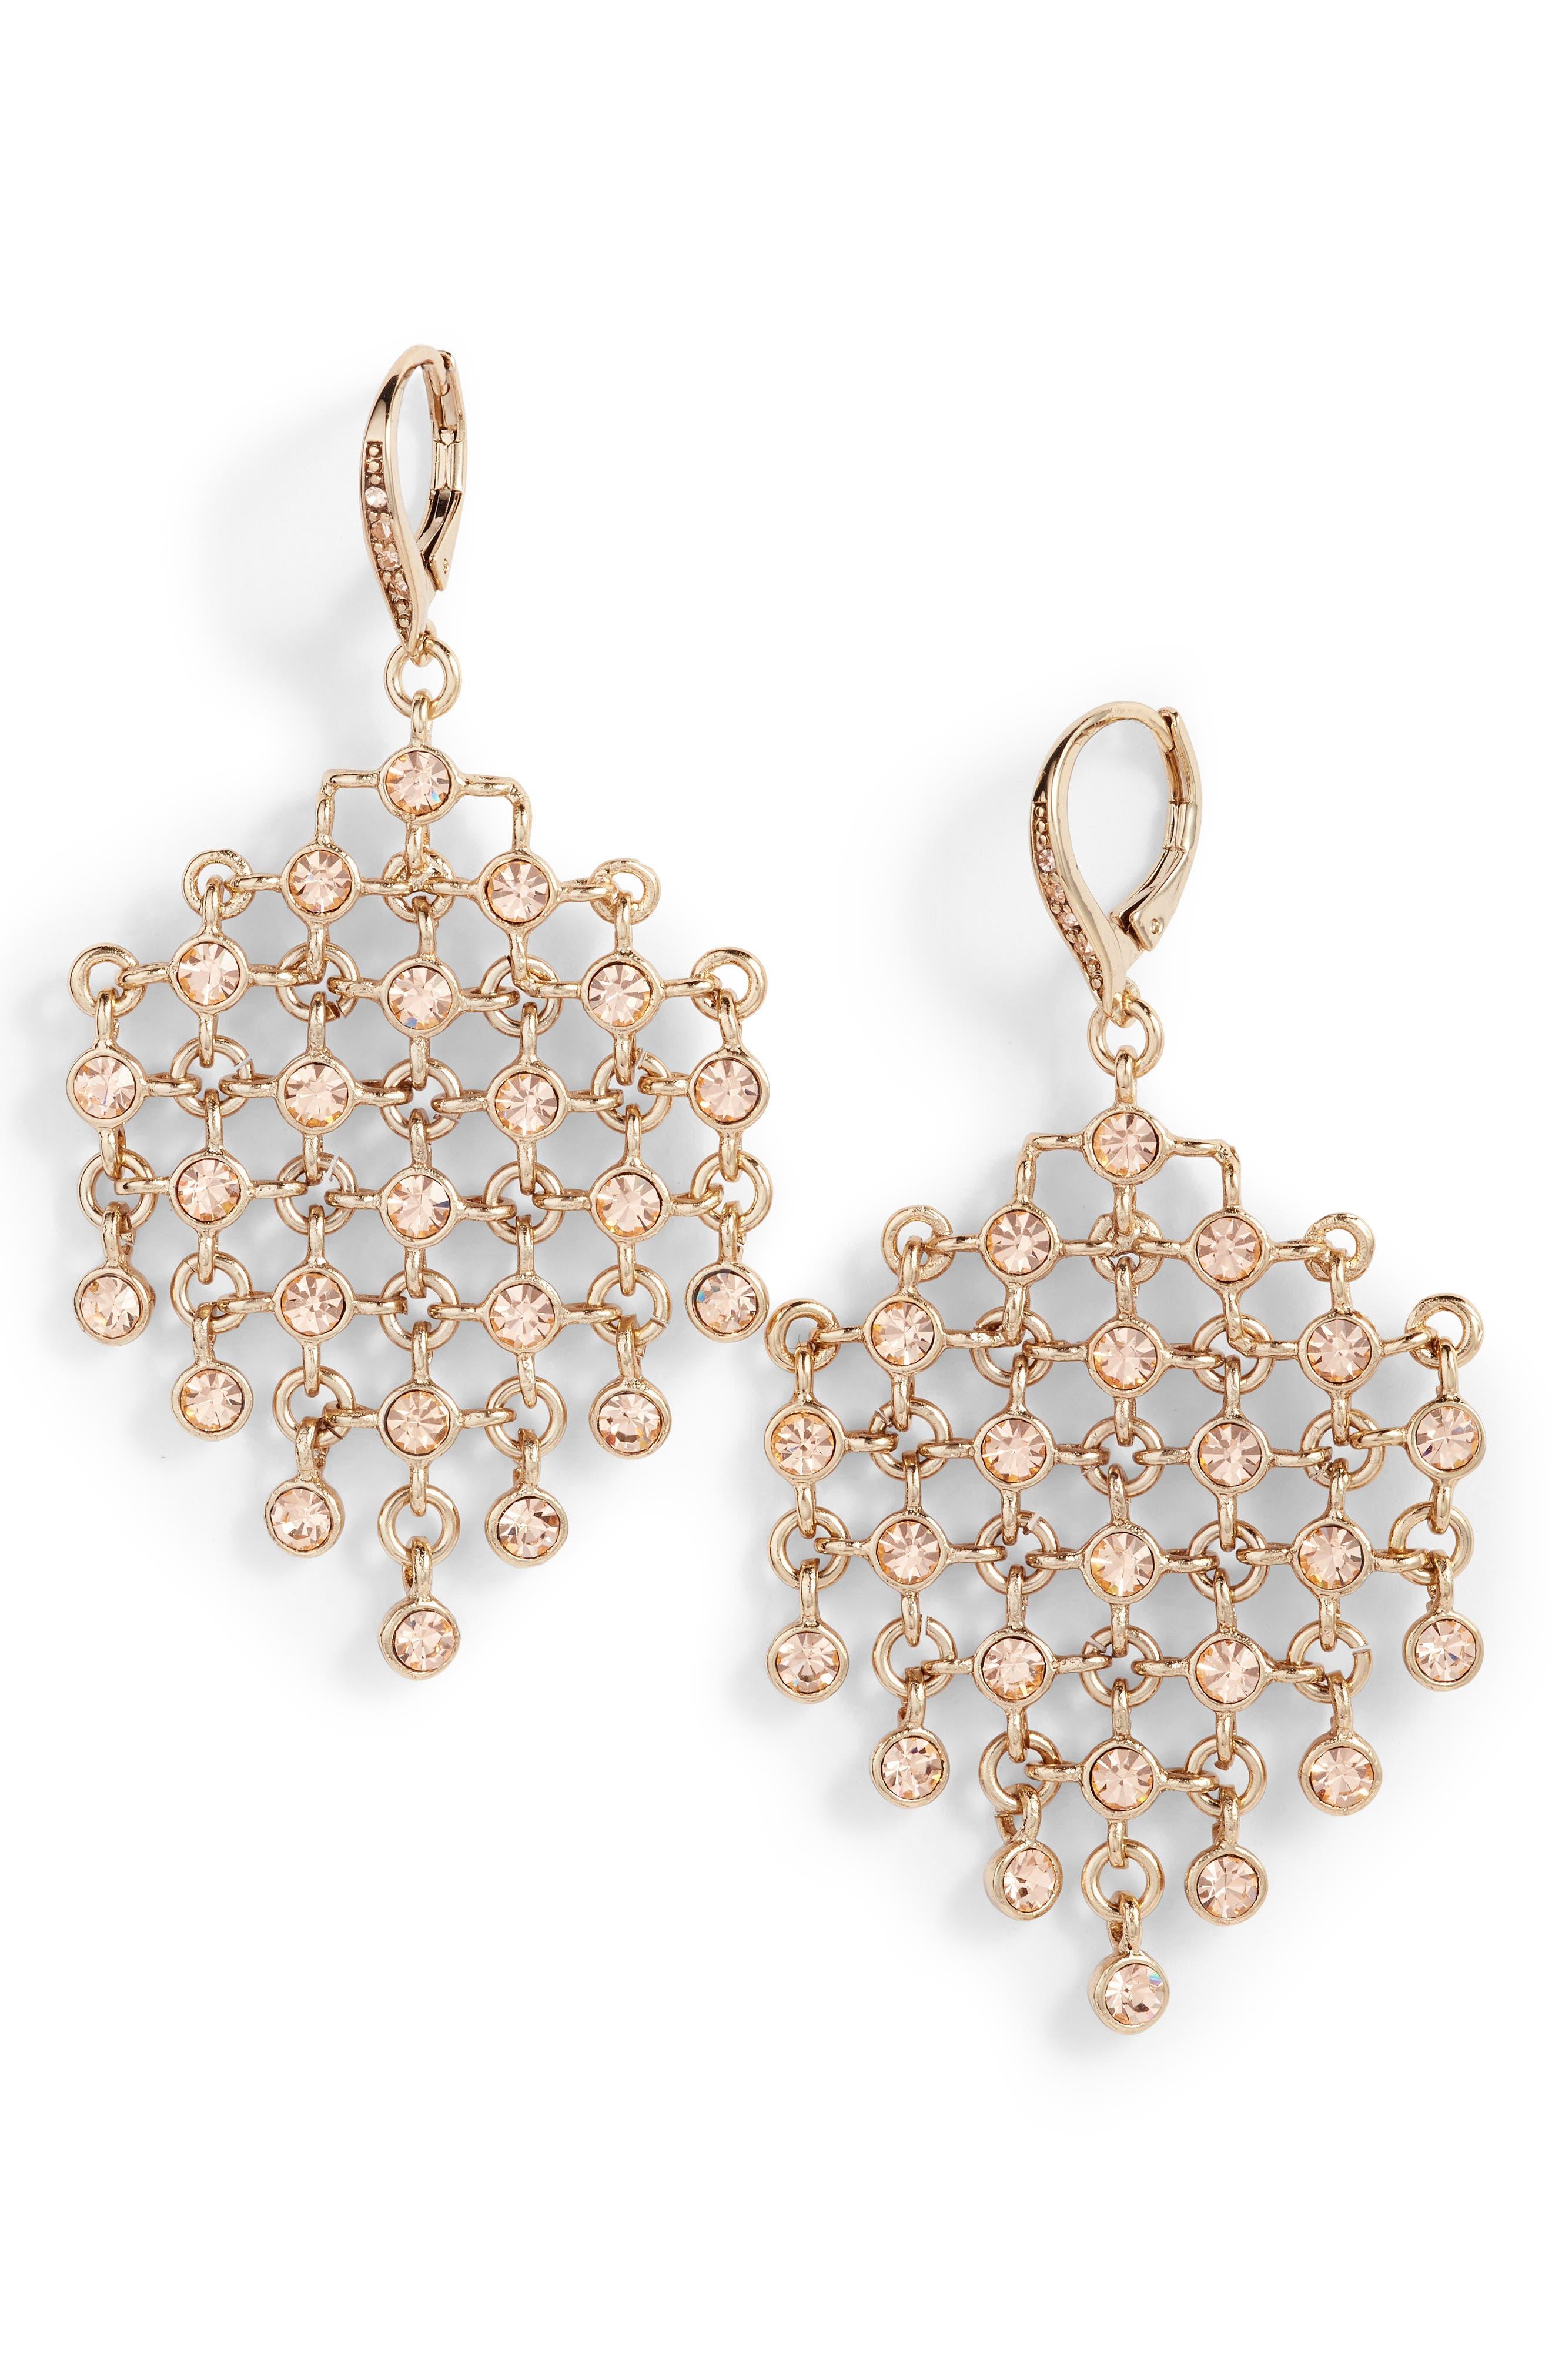 Main Image - Jenny Packham Kite Earrings